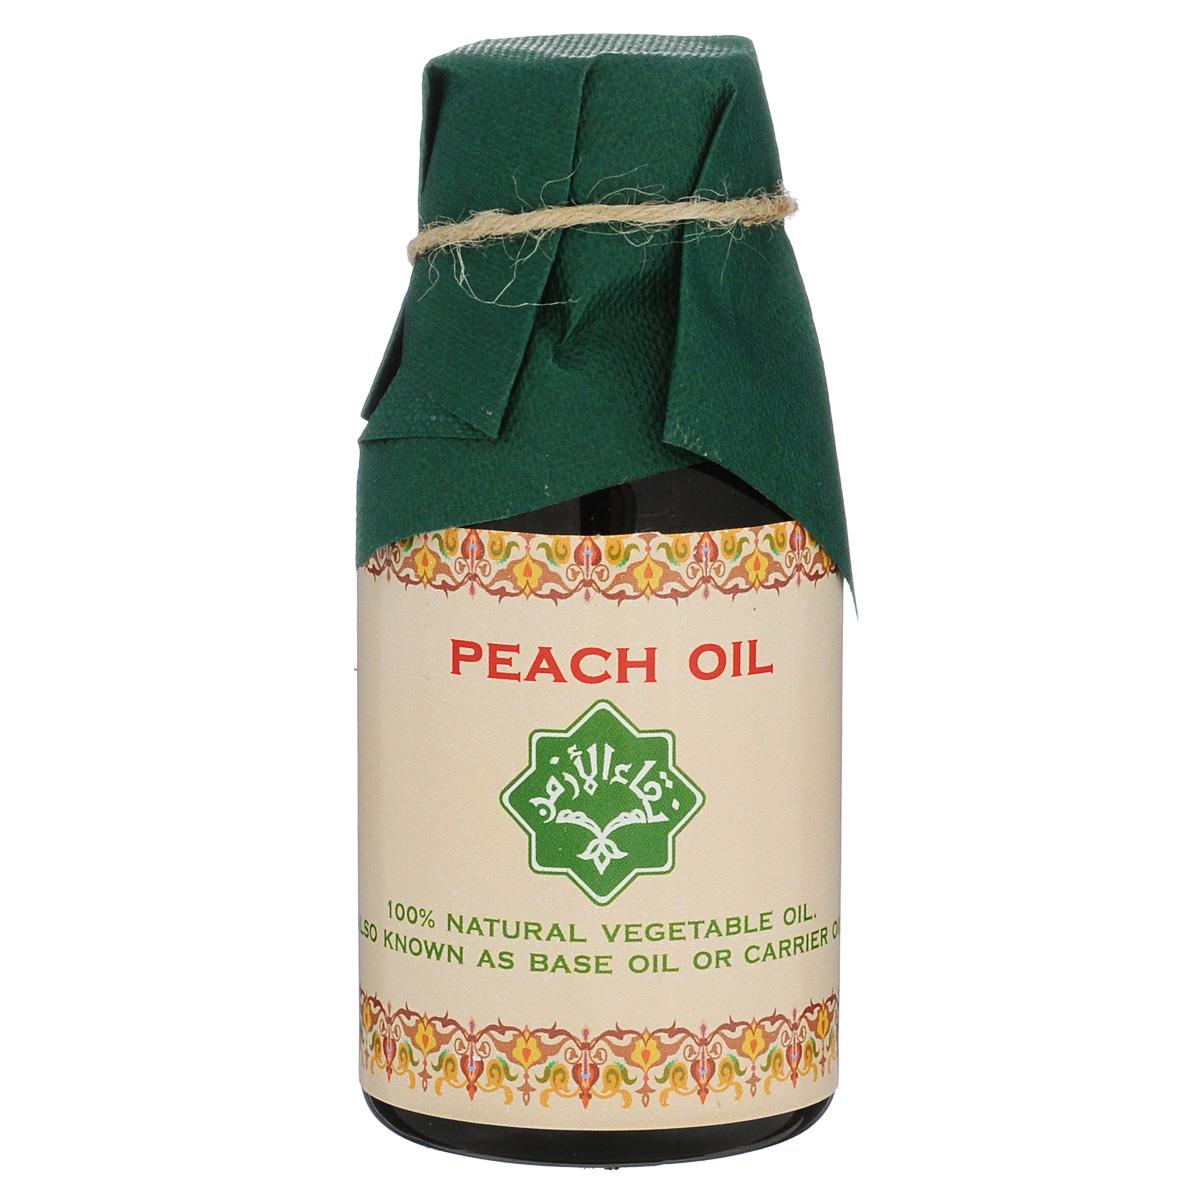 Зейтун Масло персиковое, 100 млZ3319Масло персиковой косточки Зейтун — 100% натуральное, производится методом холодного отжима. Увлажняет, регенирирует, тонизирует и омолаживает кожу. Прекрасно подходит для ухода за утомленной, увядающей кожей — восстанавливает ее упругость, придавая свежесть и разглаживая морщинки. Масло персиковой косточки имеет очищающее свойство и поэтому может использоваться для снятия макияжа. Сужает расширенные поры. Придает коже здоровый и красивый вид. Антицеллюлитное масло. Эффективно его применение для ухода за ломкими и сухими волосами, а также для питания ногтей.